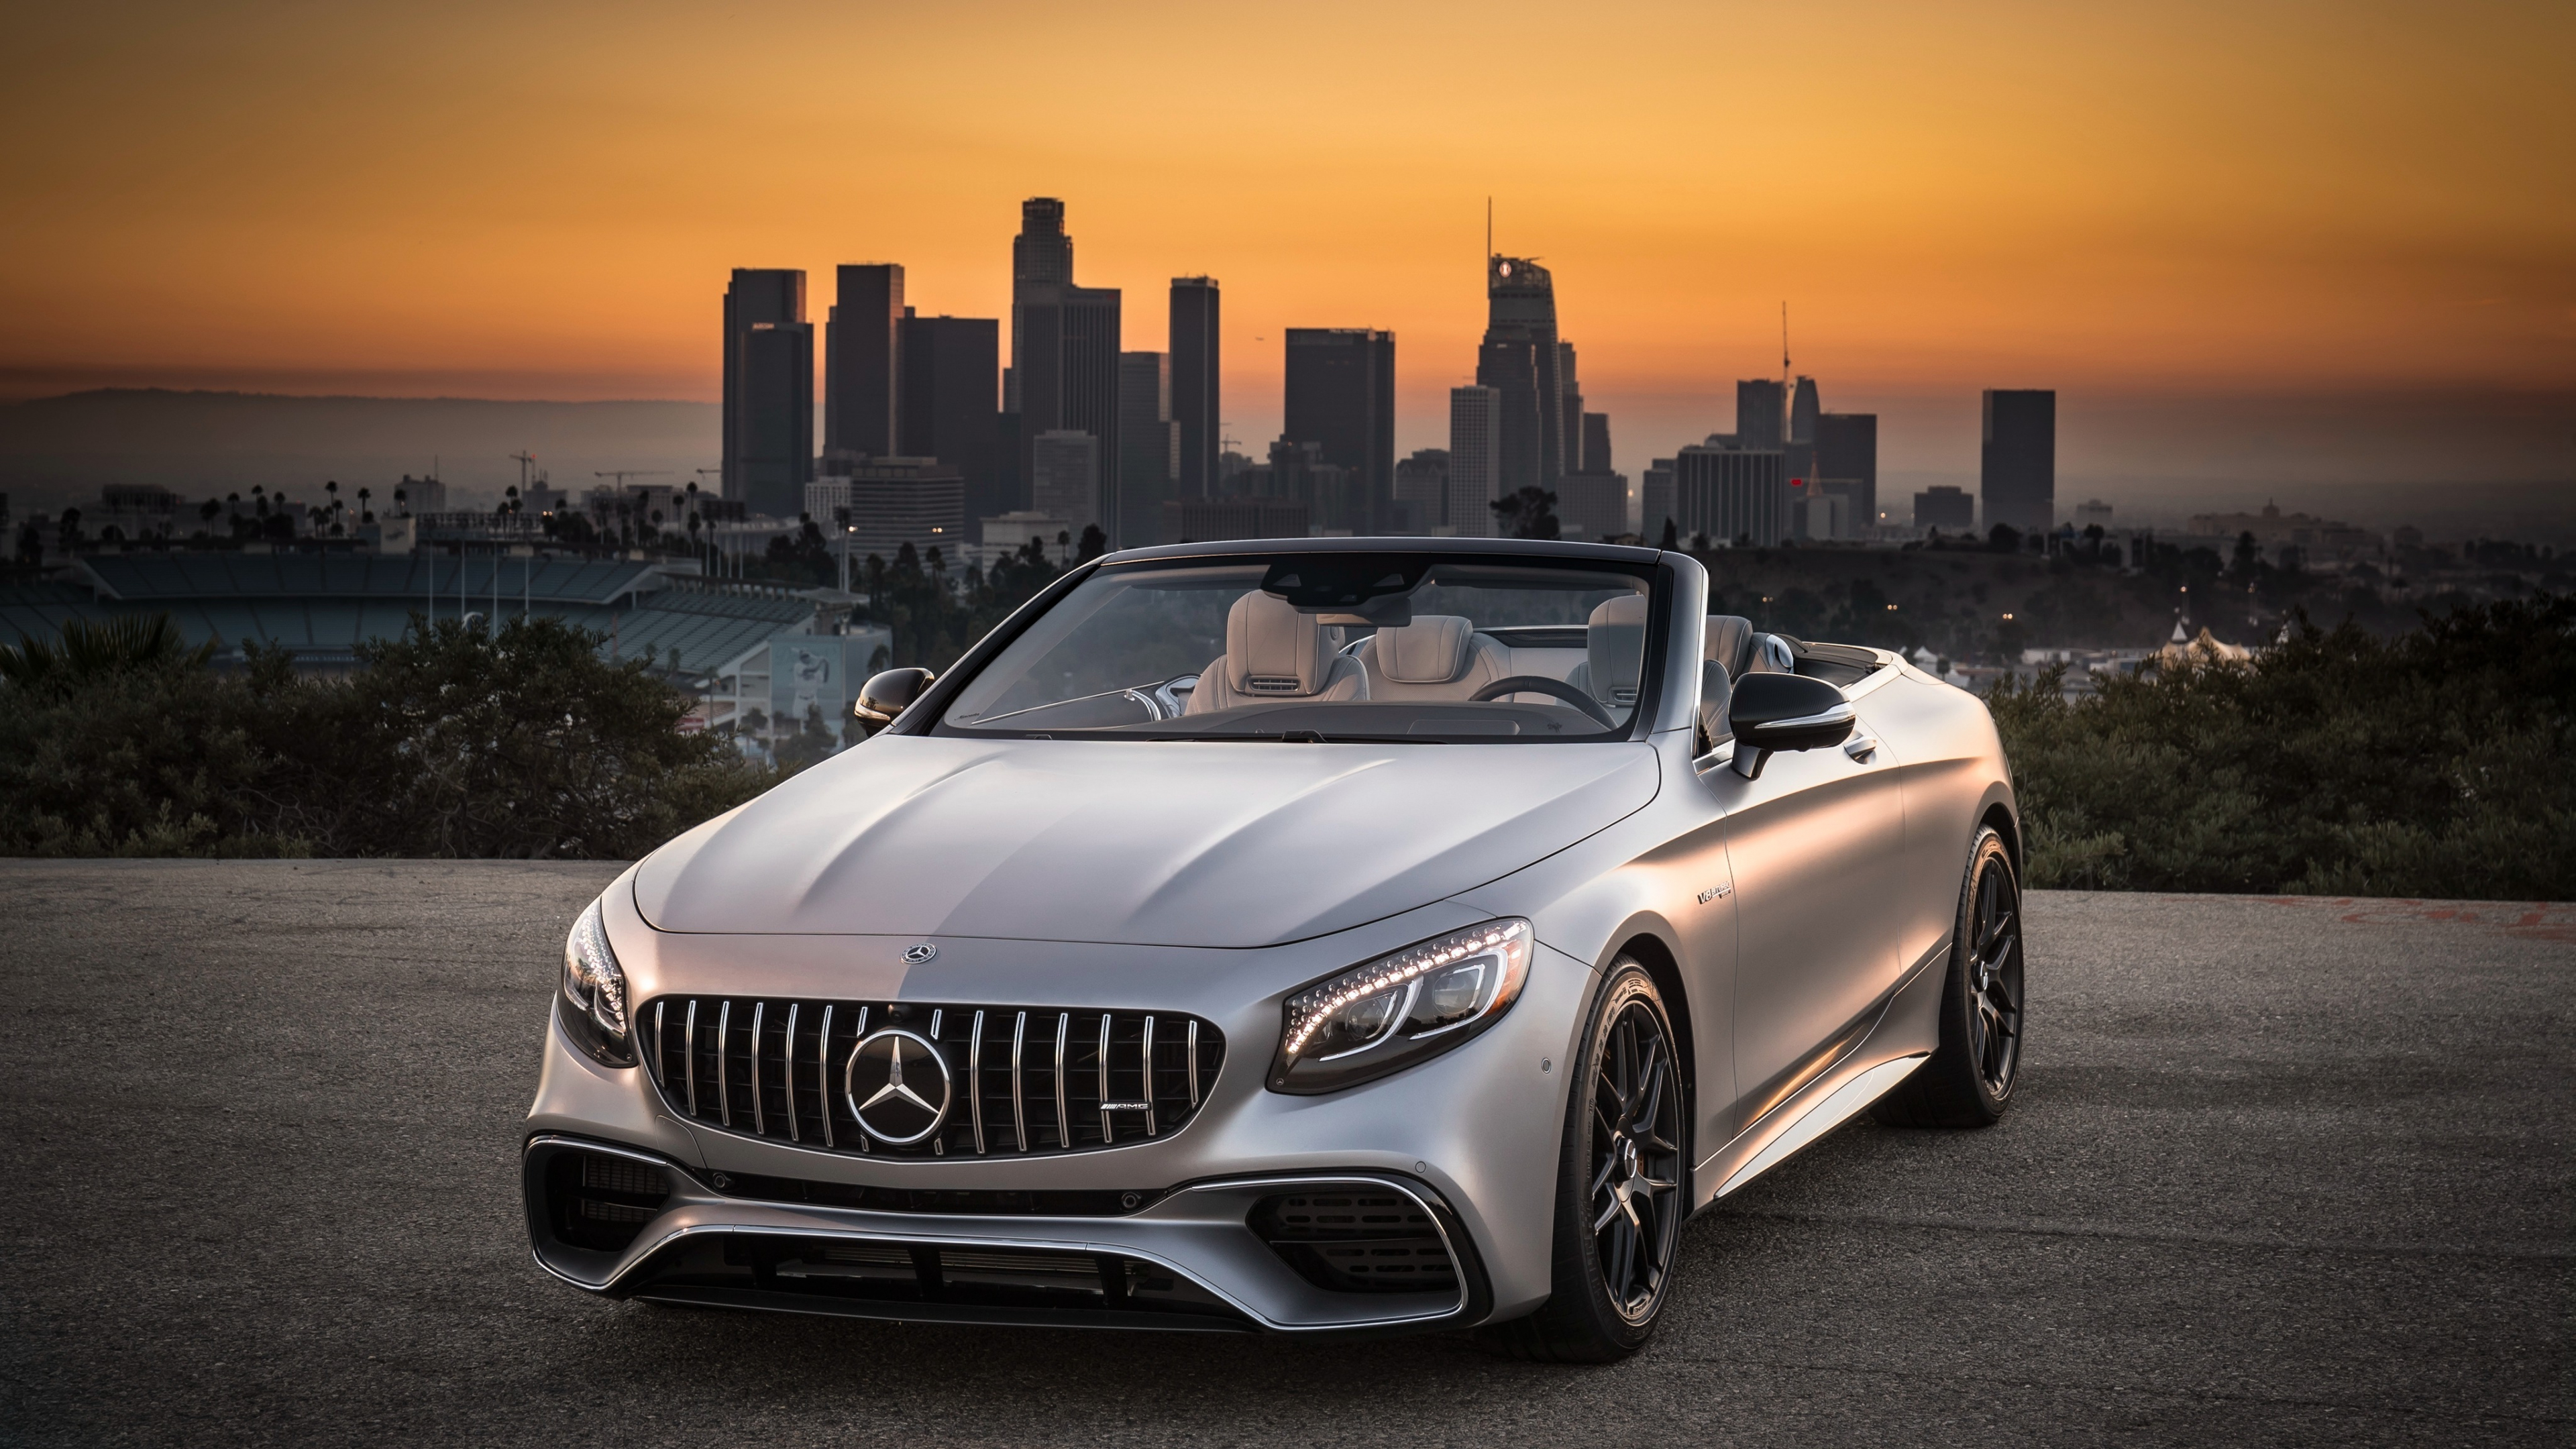 Mercedes-AMG S63 4MATIC Cabriolet, sports car, 3840x2160 wallpaper